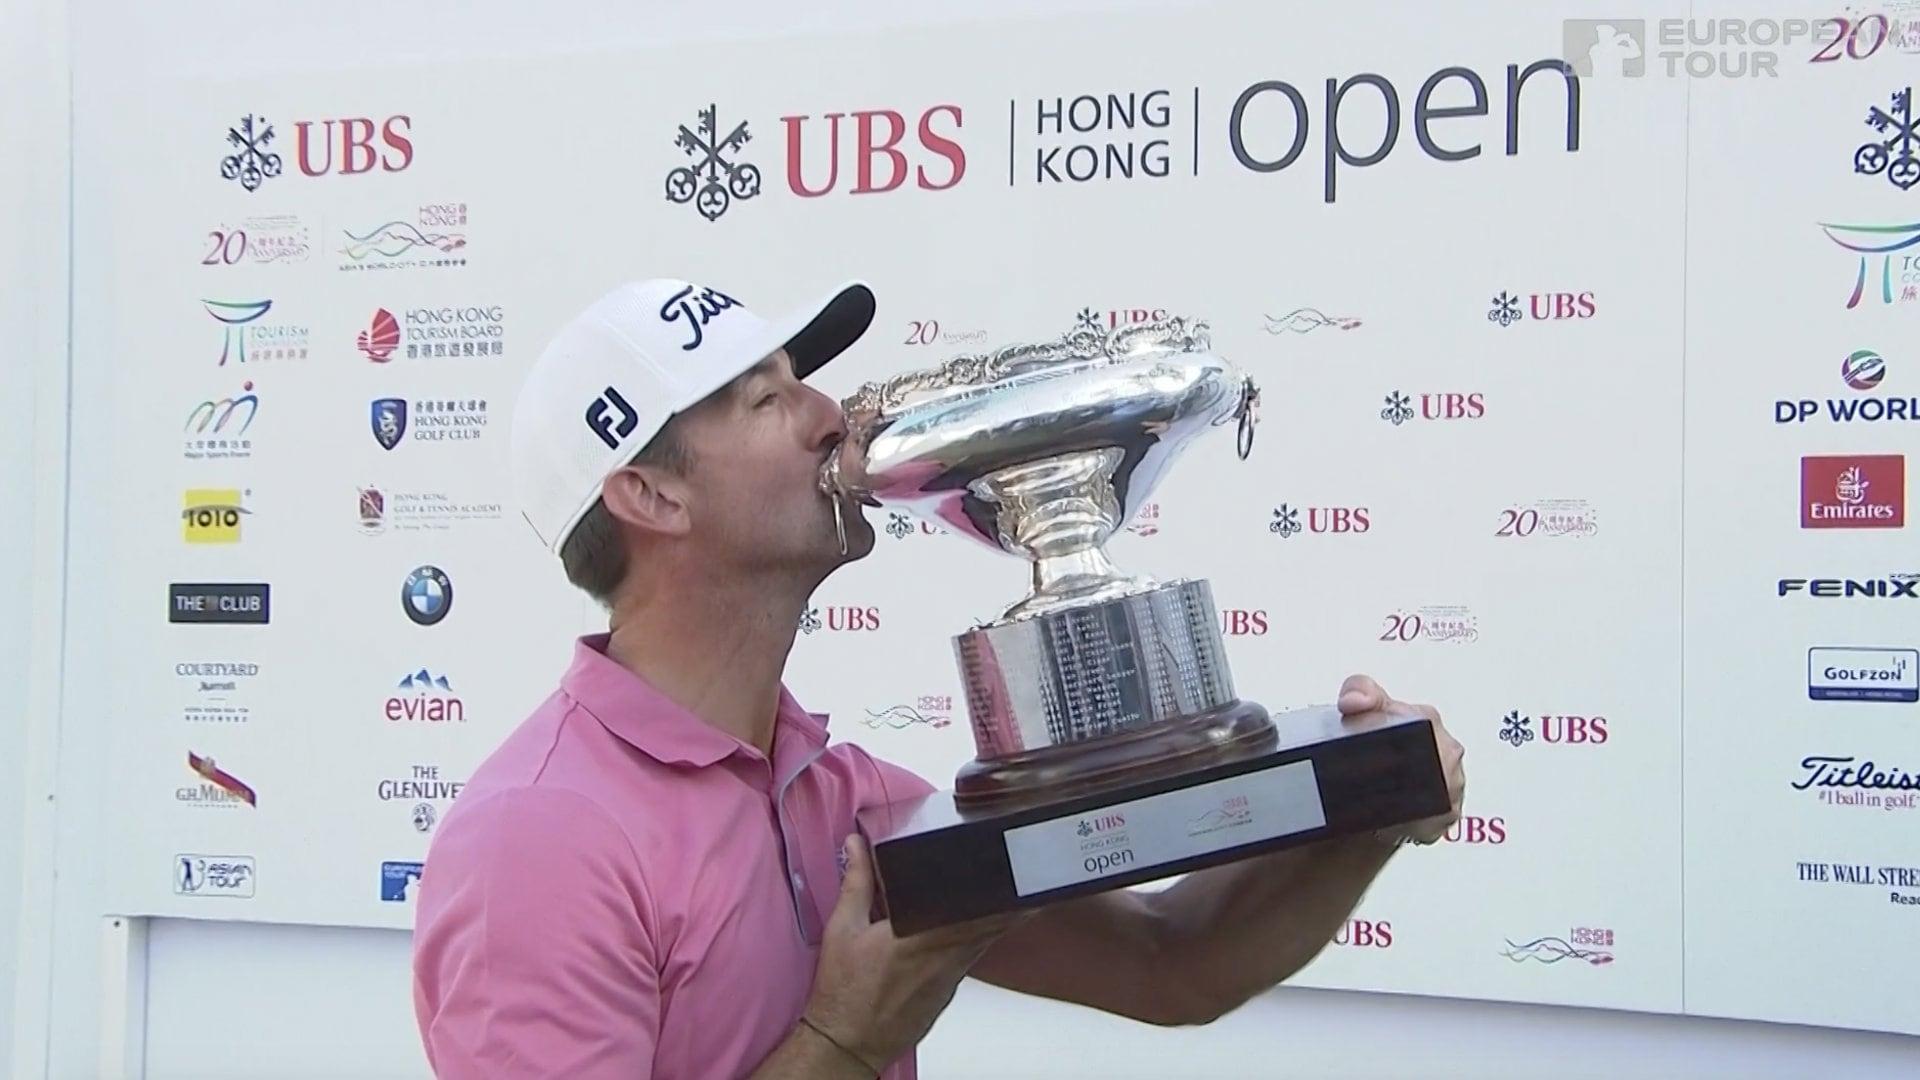 2017 ubs hong kong open  final round highlights